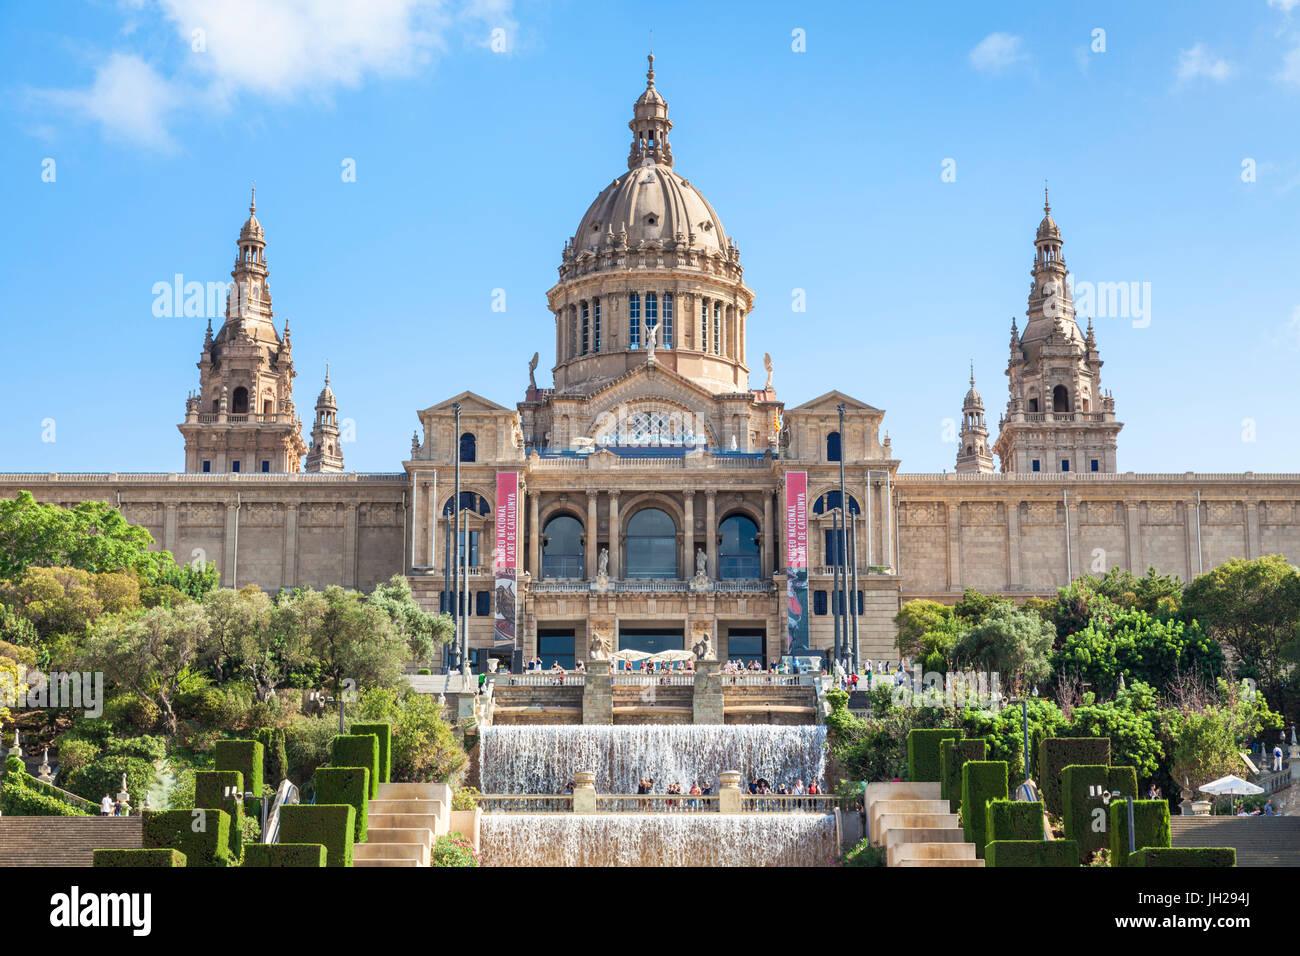 La Fontana Magica di Montjuic sotto il Palau Nacional, MNAC, Galleria d'Arte Nazionale, barcellona catalogna (Catalunya), Foto Stock